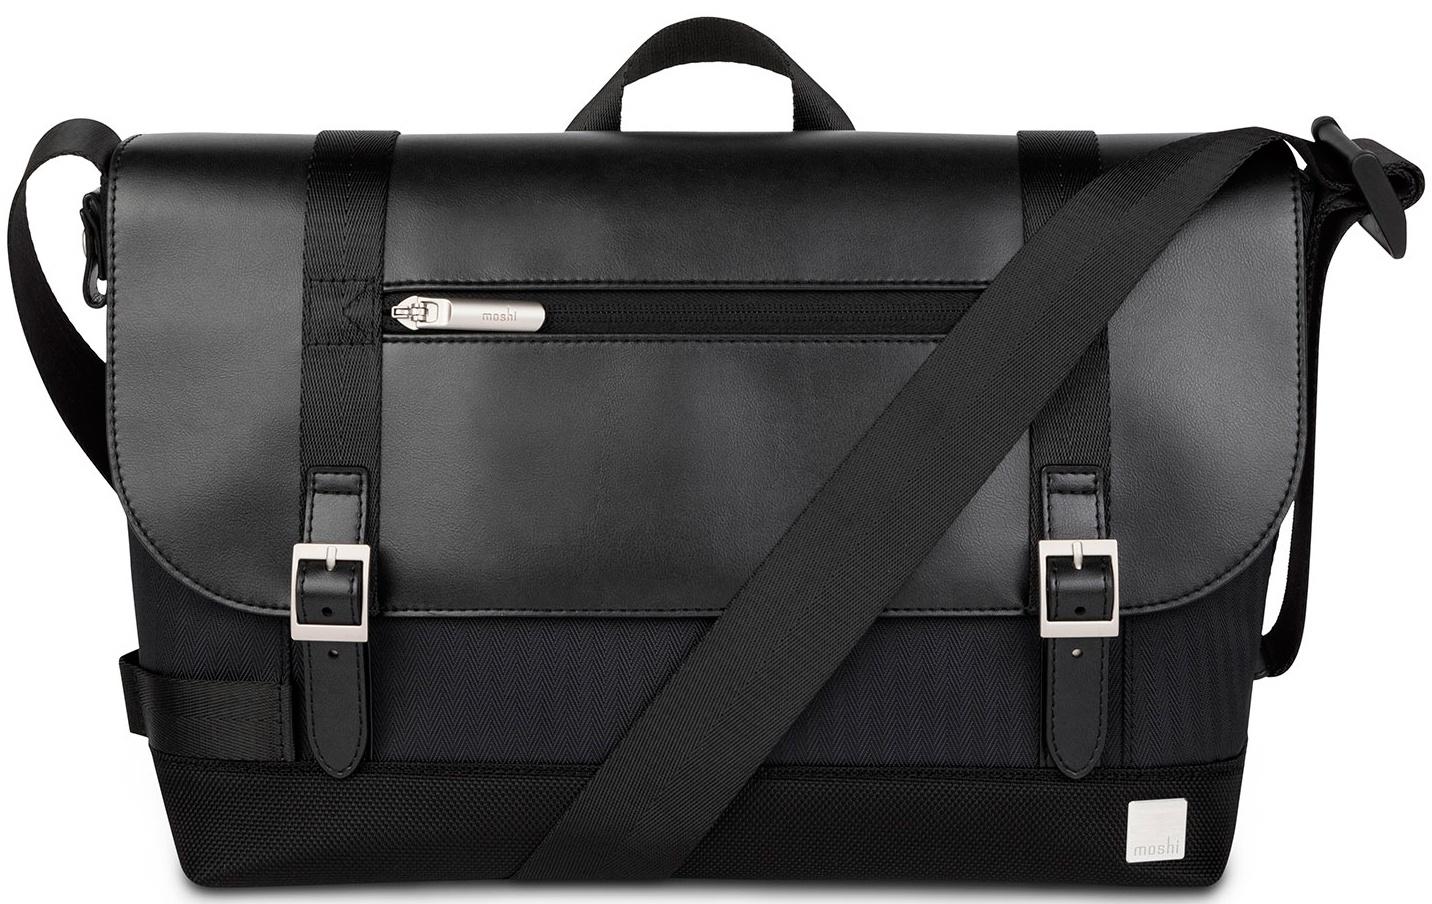 Moshi Carta сумка через плечо для ноутбуков до 13.Материал полиэстер,нейлон,веган-кожа,черный сумка moshi aerio lite для ipad и других планшетов материал хлопок полиэстер цвет синий